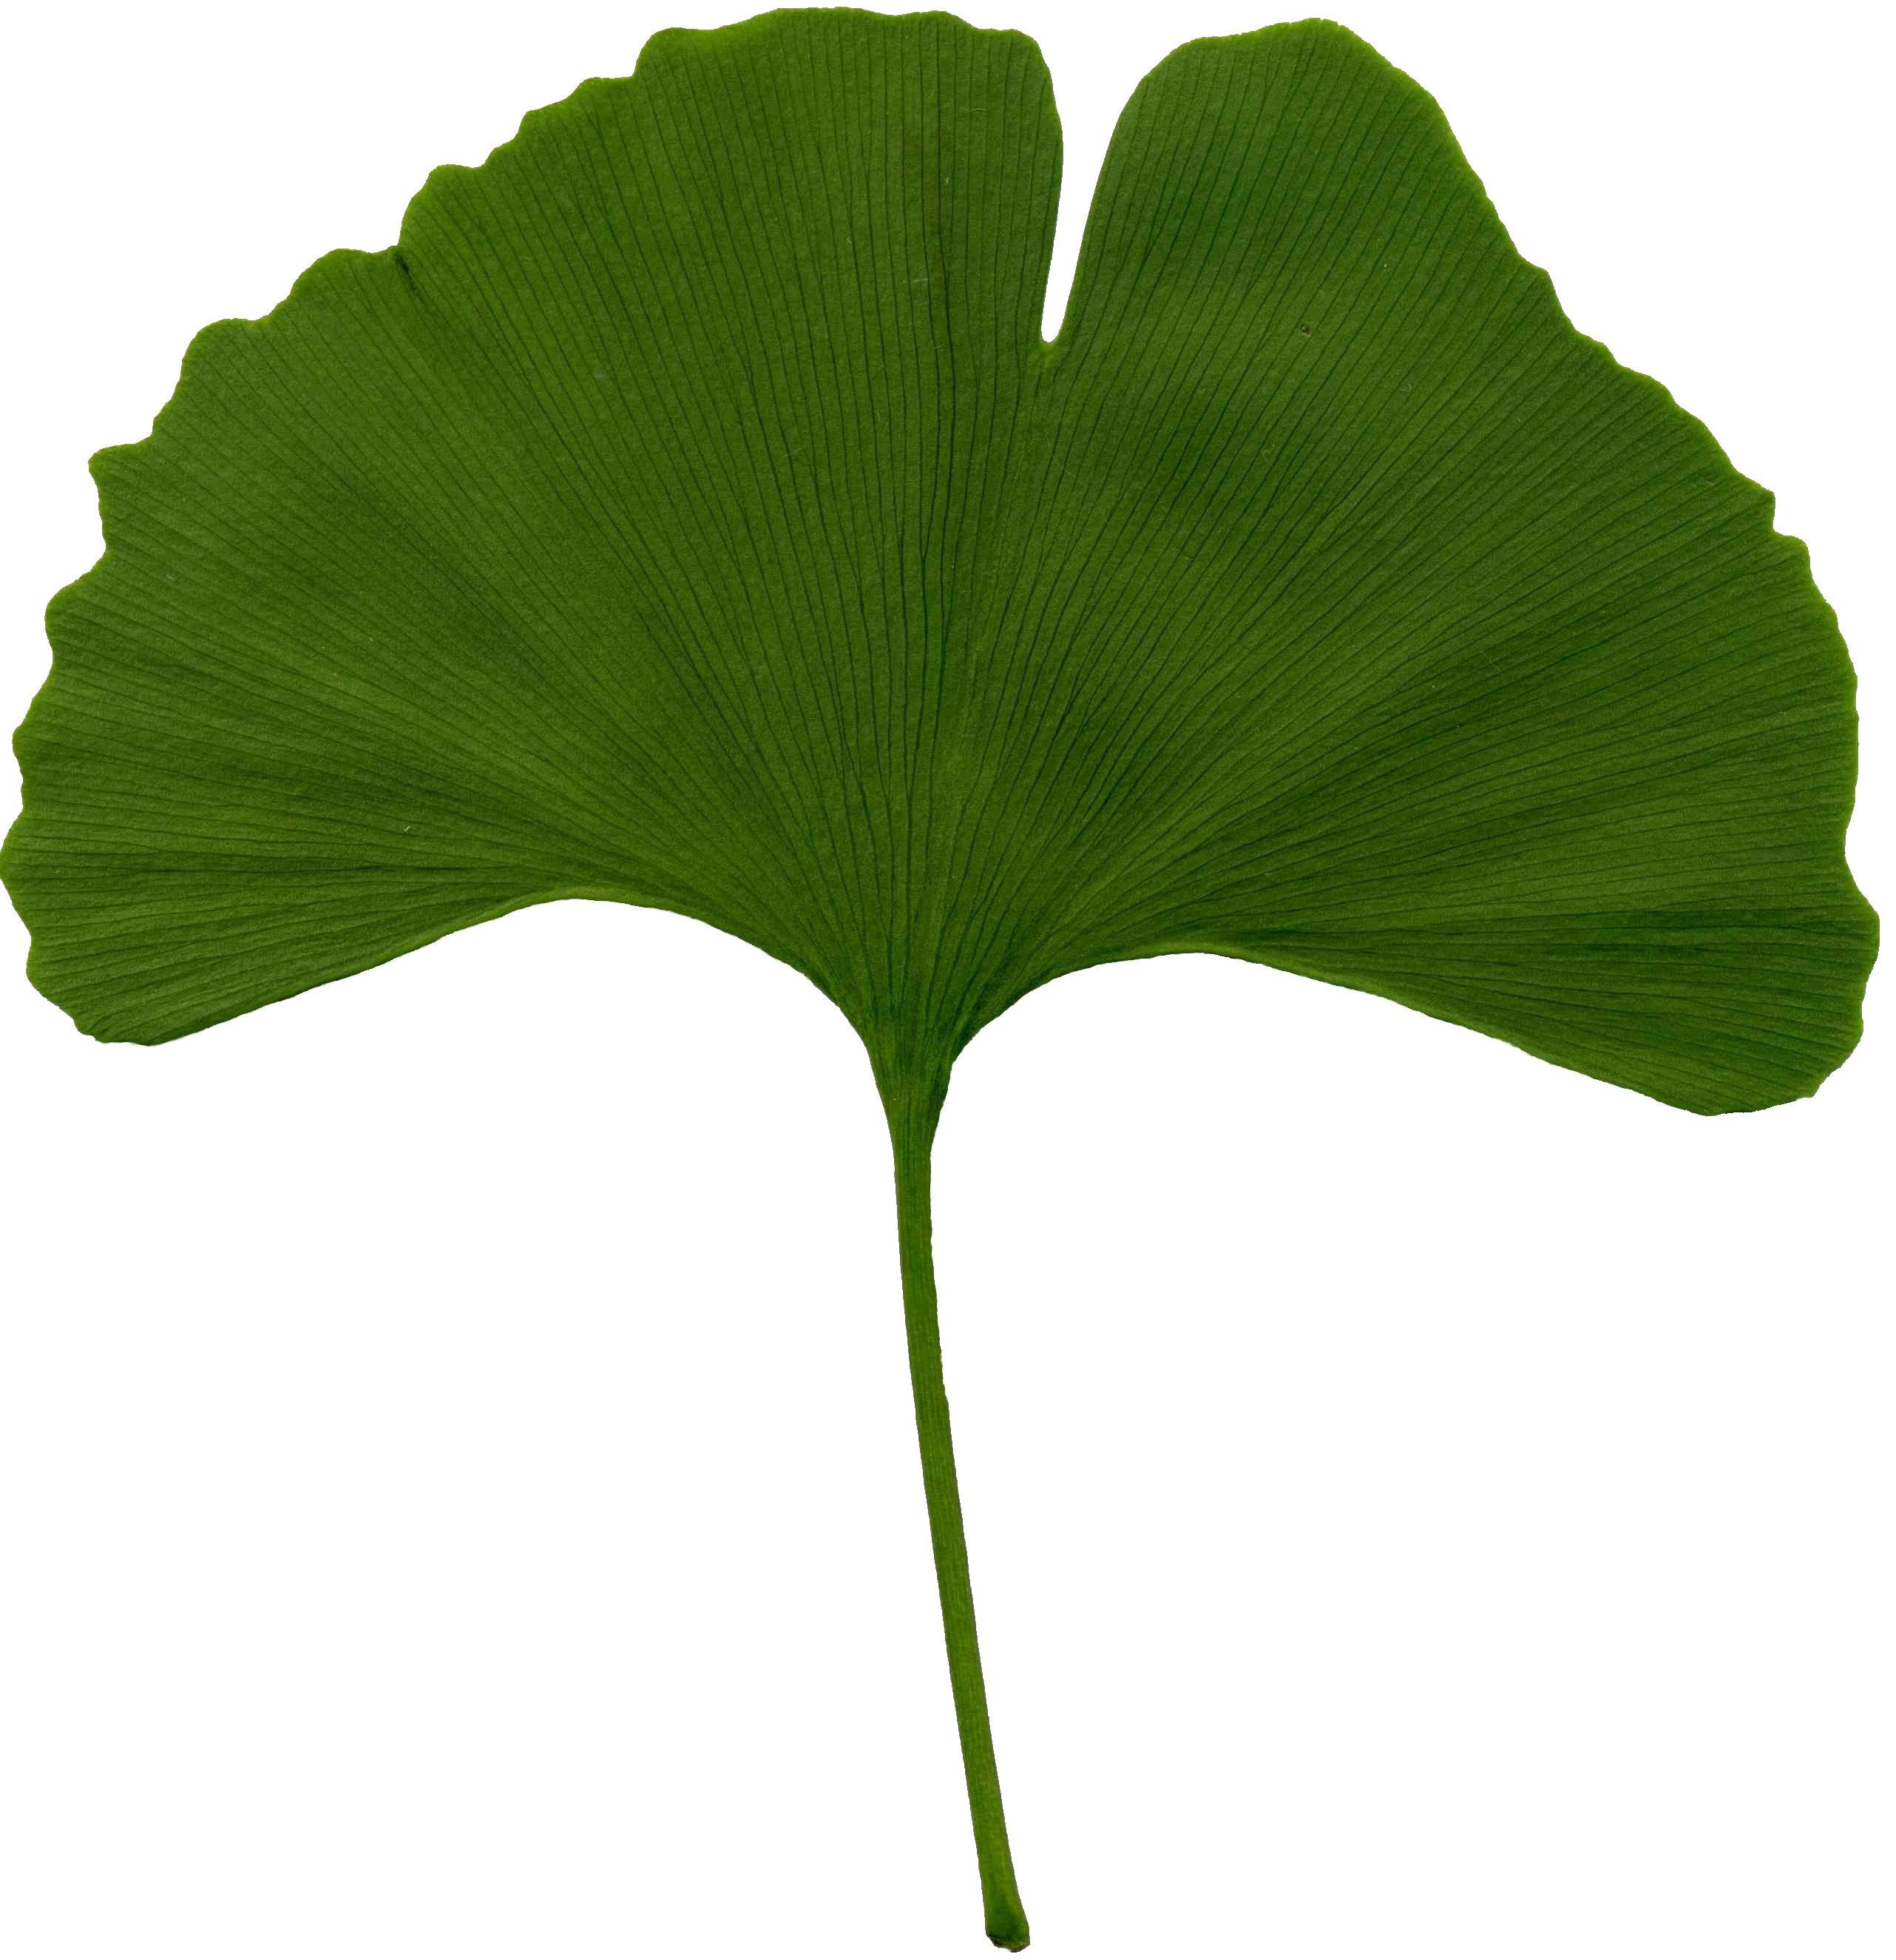 https://i1.wp.com/upload.wikimedia.org/wikipedia/commons/3/32/Ginkgo_biloba_scanned_leaf.jpg